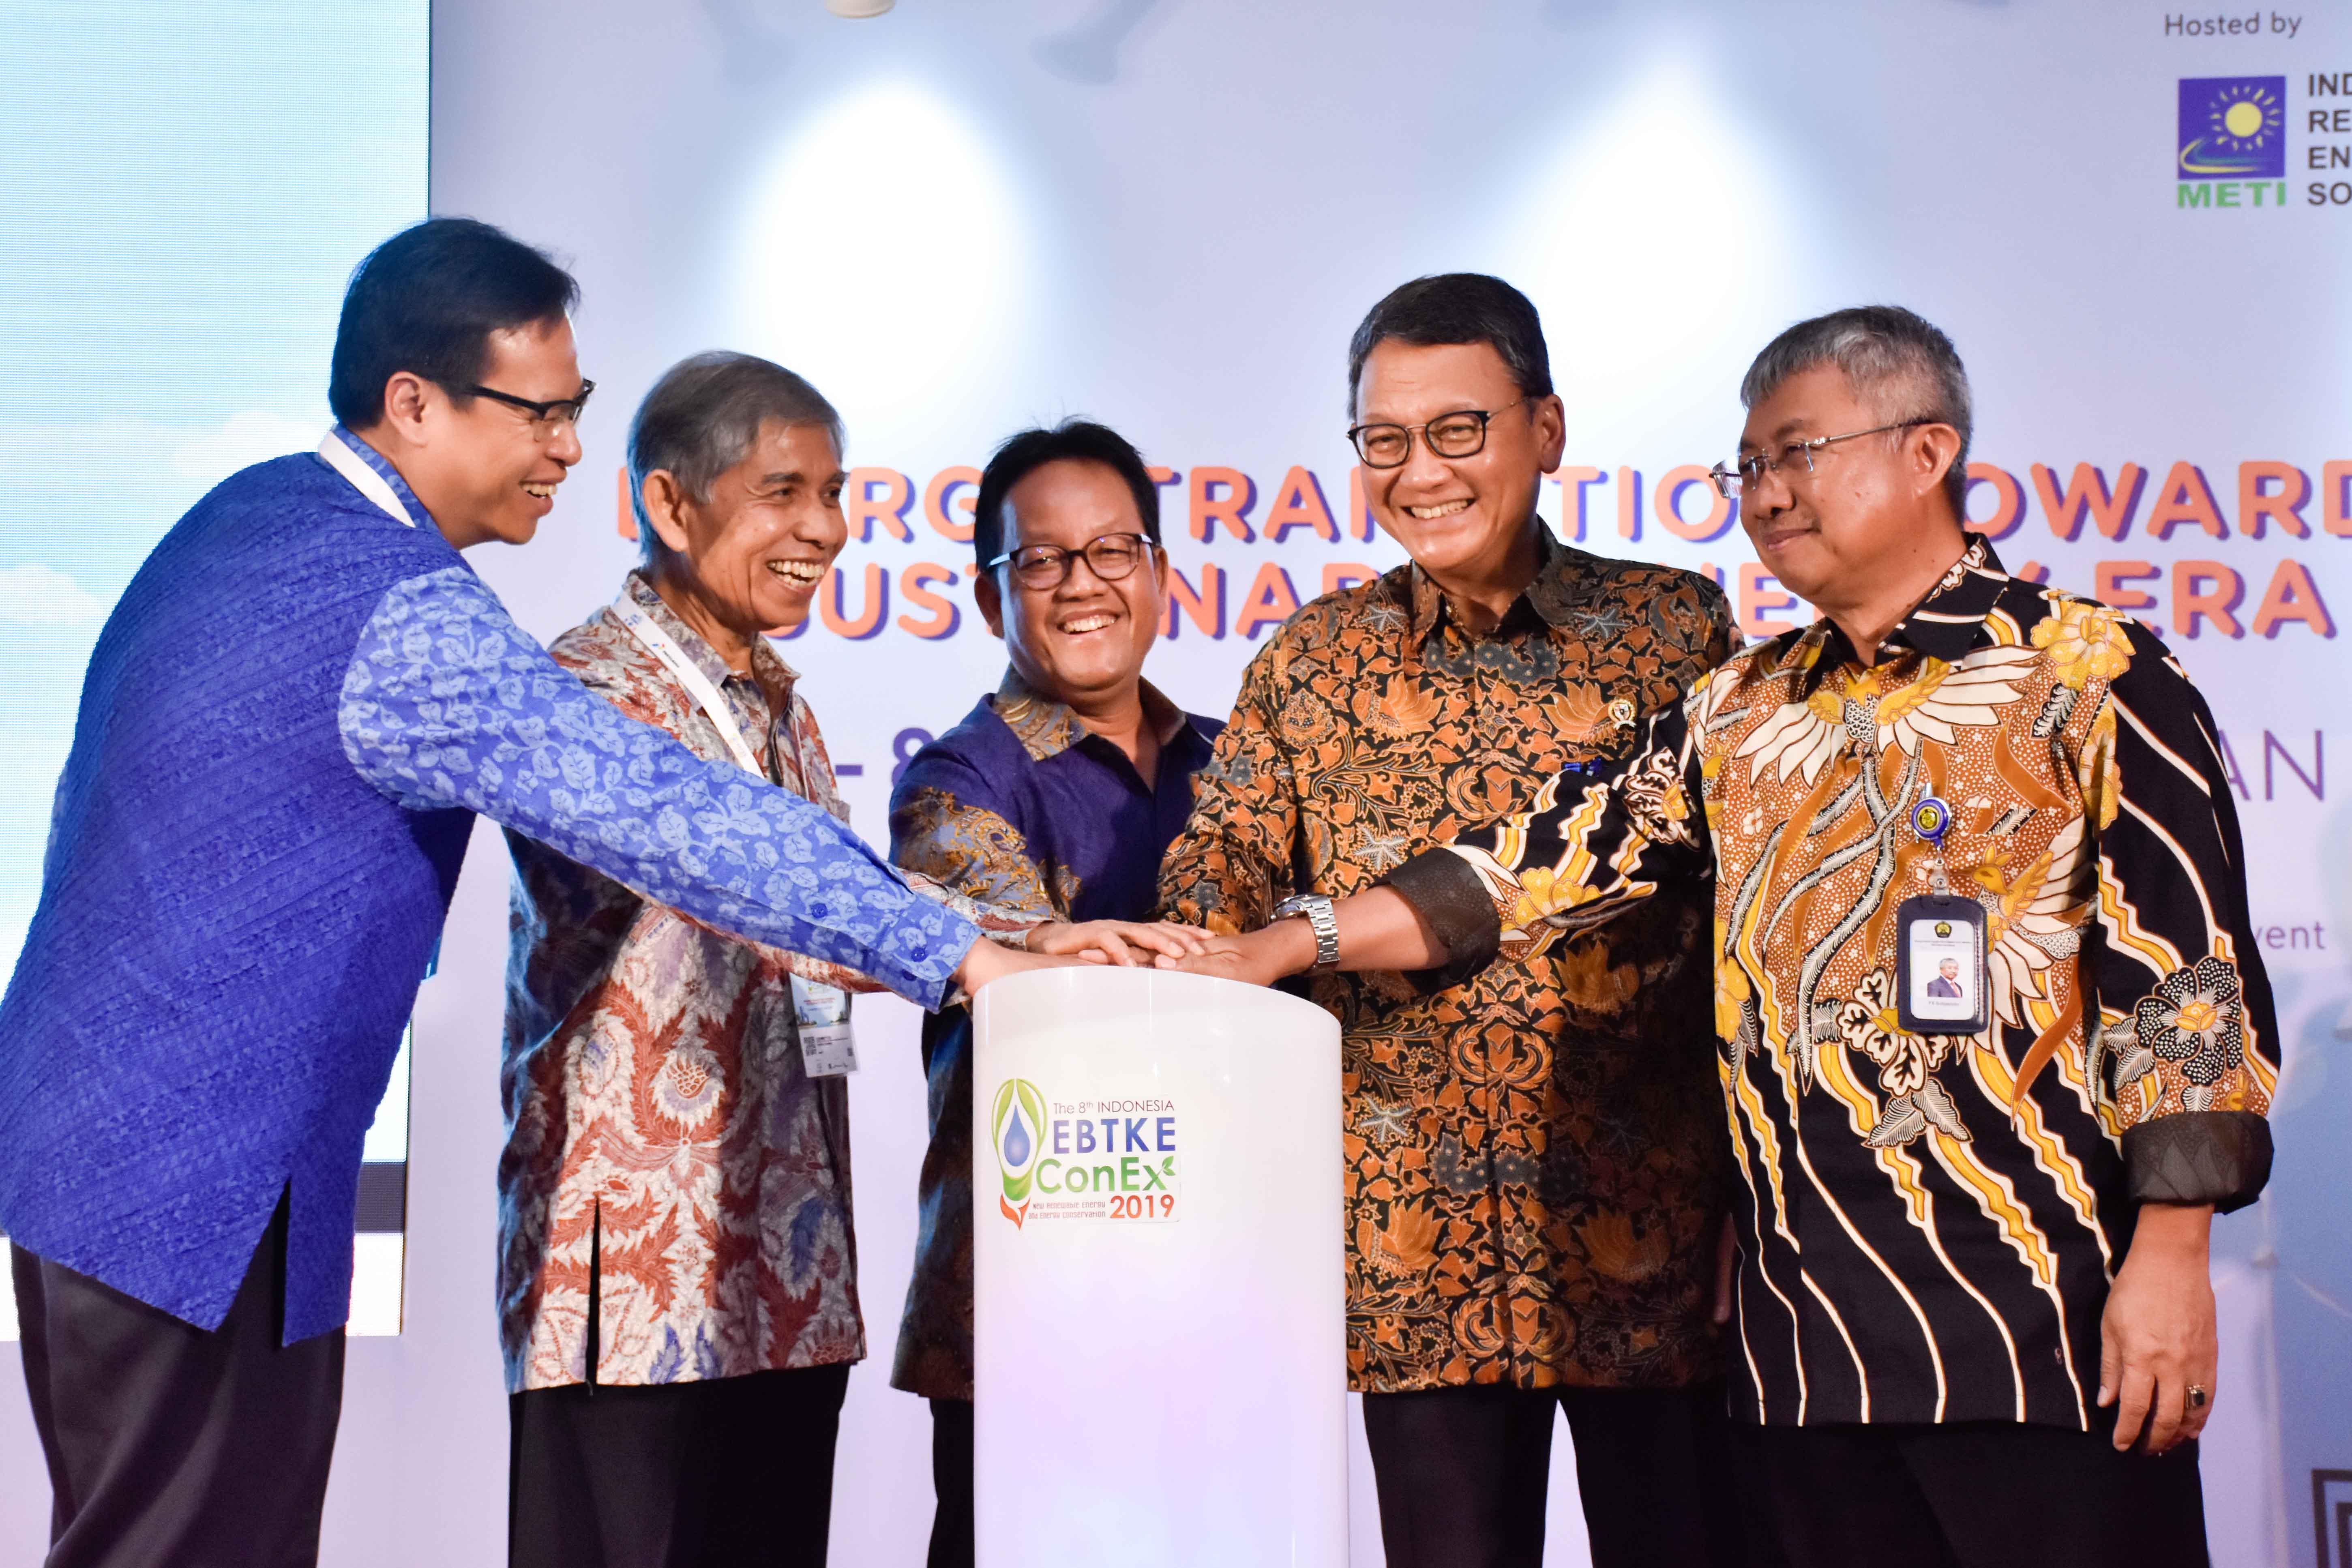 IndoebtkeConEx ke-8 tahun 2019 diselenggarakan oleh Masyarakat Energi Terbarukan Indonesia (METI), yang dilaksanakan selama (3) tiga hari, mulai tanggal 6-8 November 2019